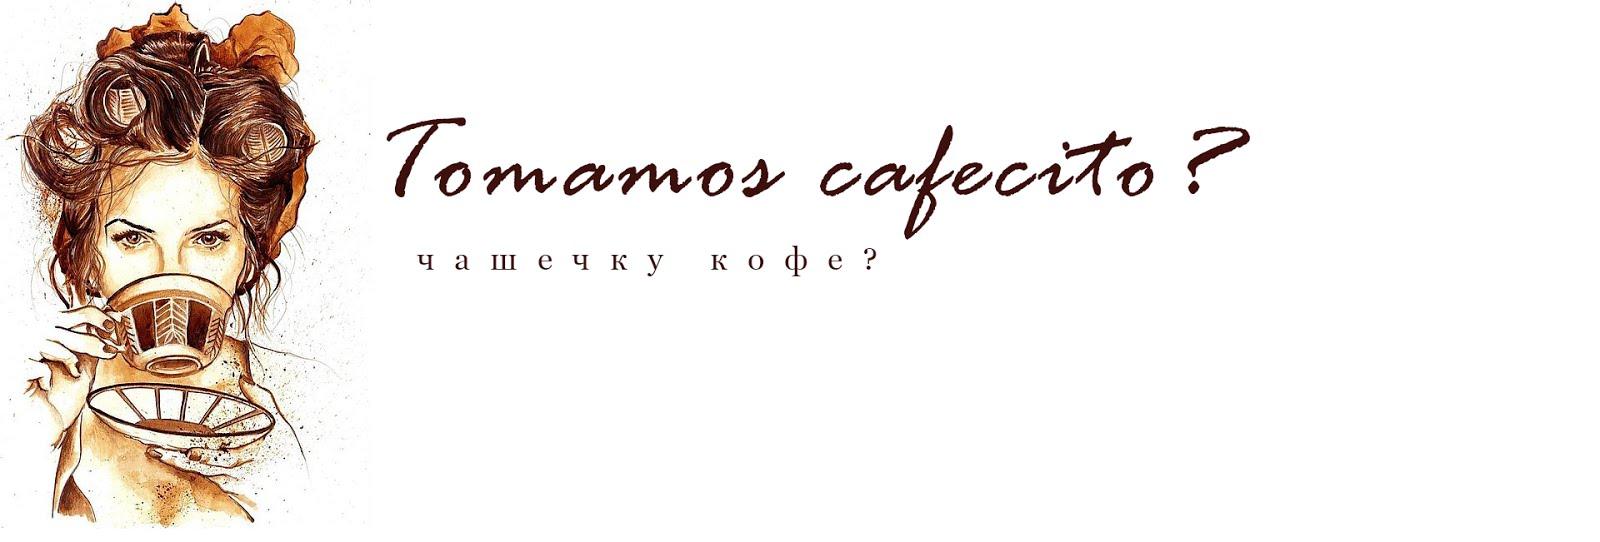 Tomamos cafecito ?